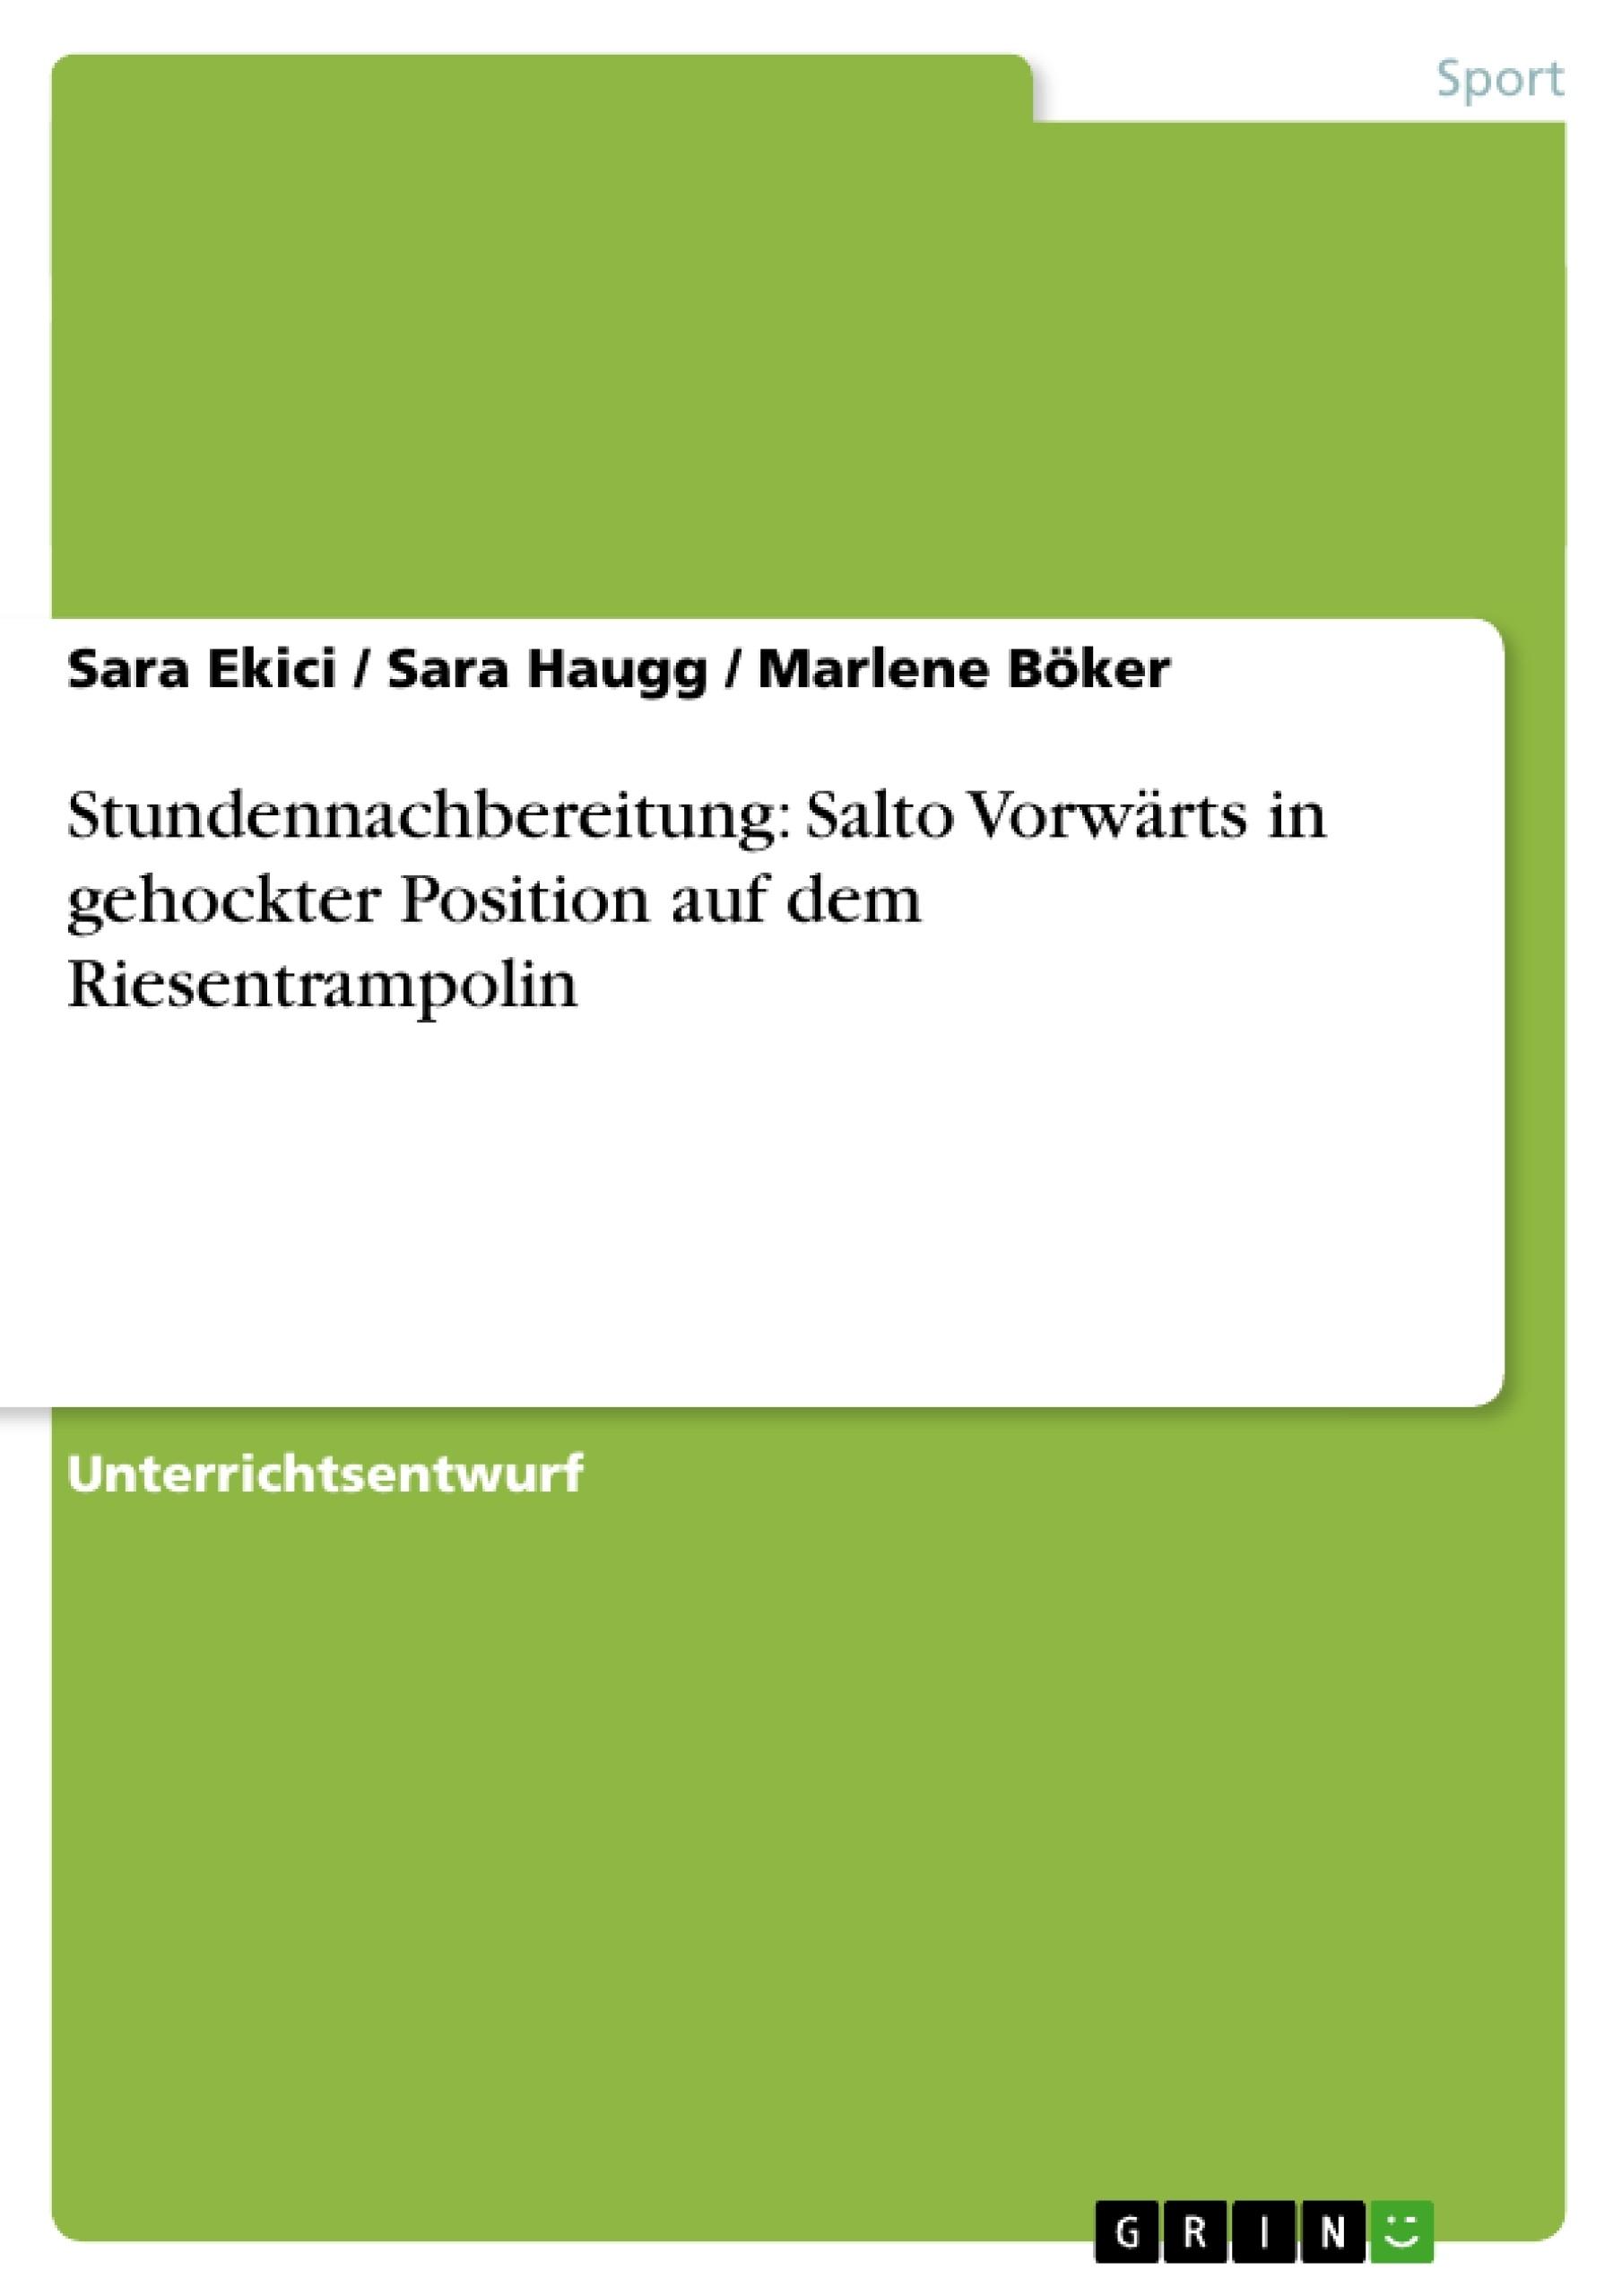 Titel: Stundennachbereitung: Salto Vorwärts in gehockter Position auf dem Riesentrampolin